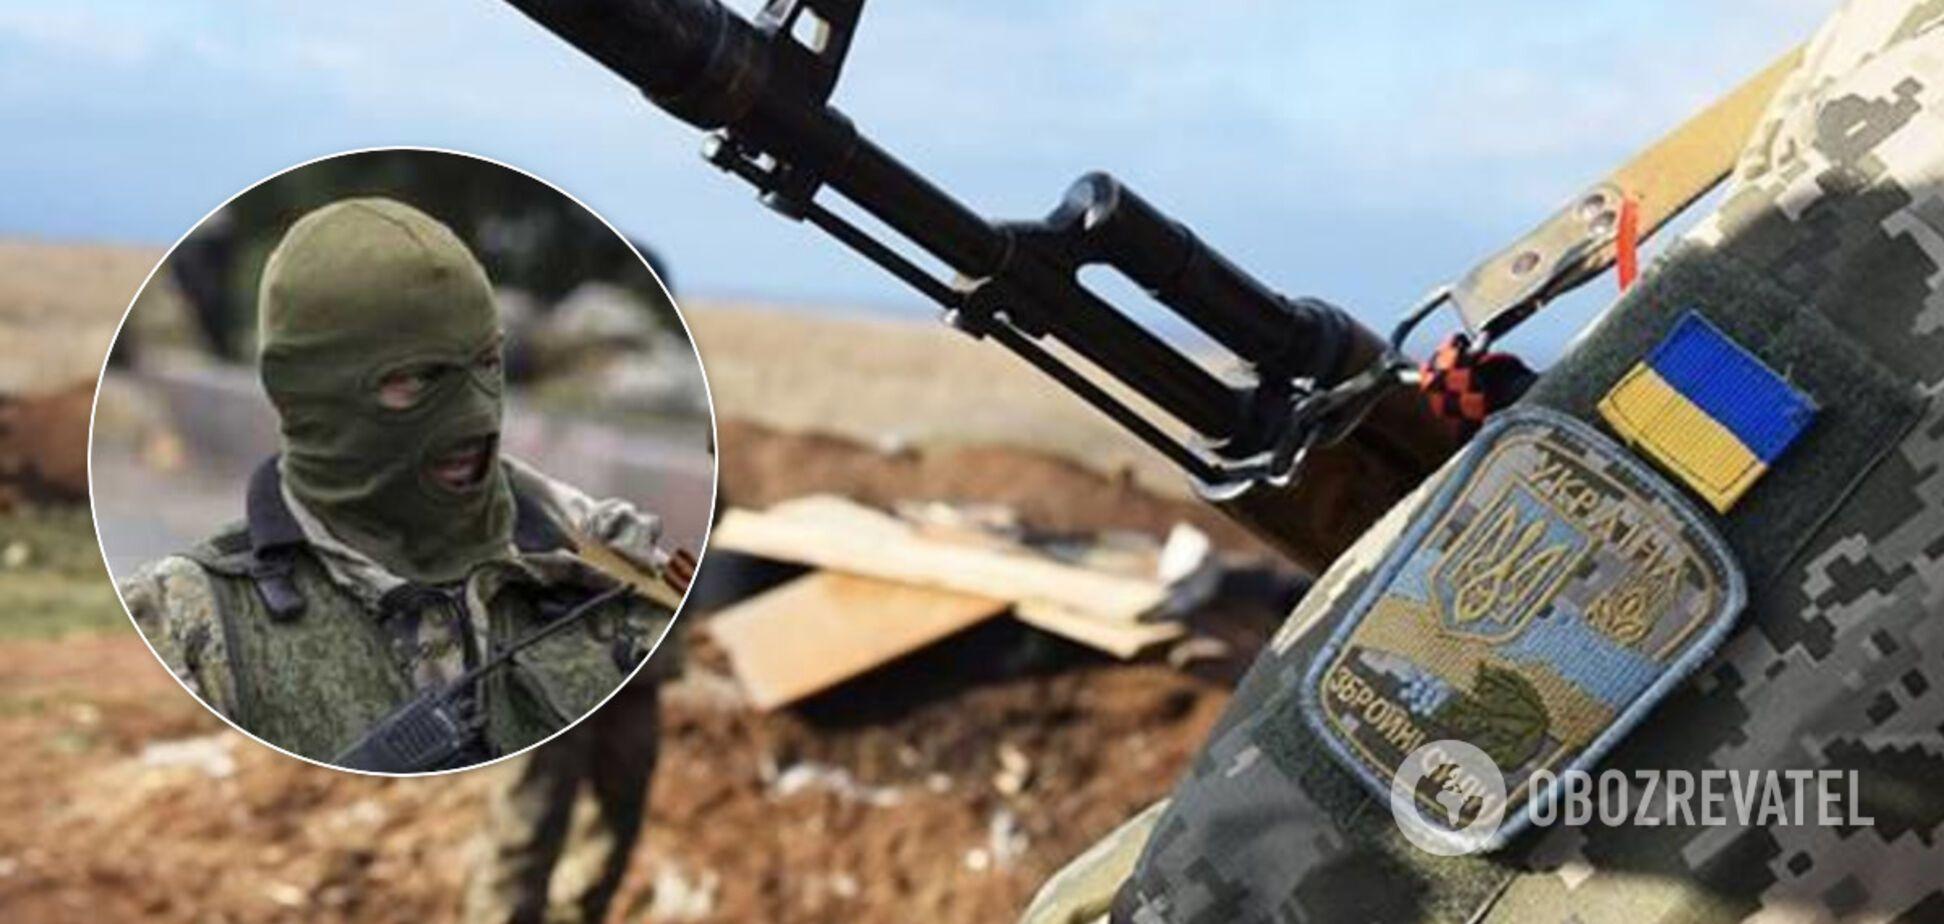 На Донбасі розв'язалися криваві бої: ЗСУ зазнали втрат і помстилися терористам